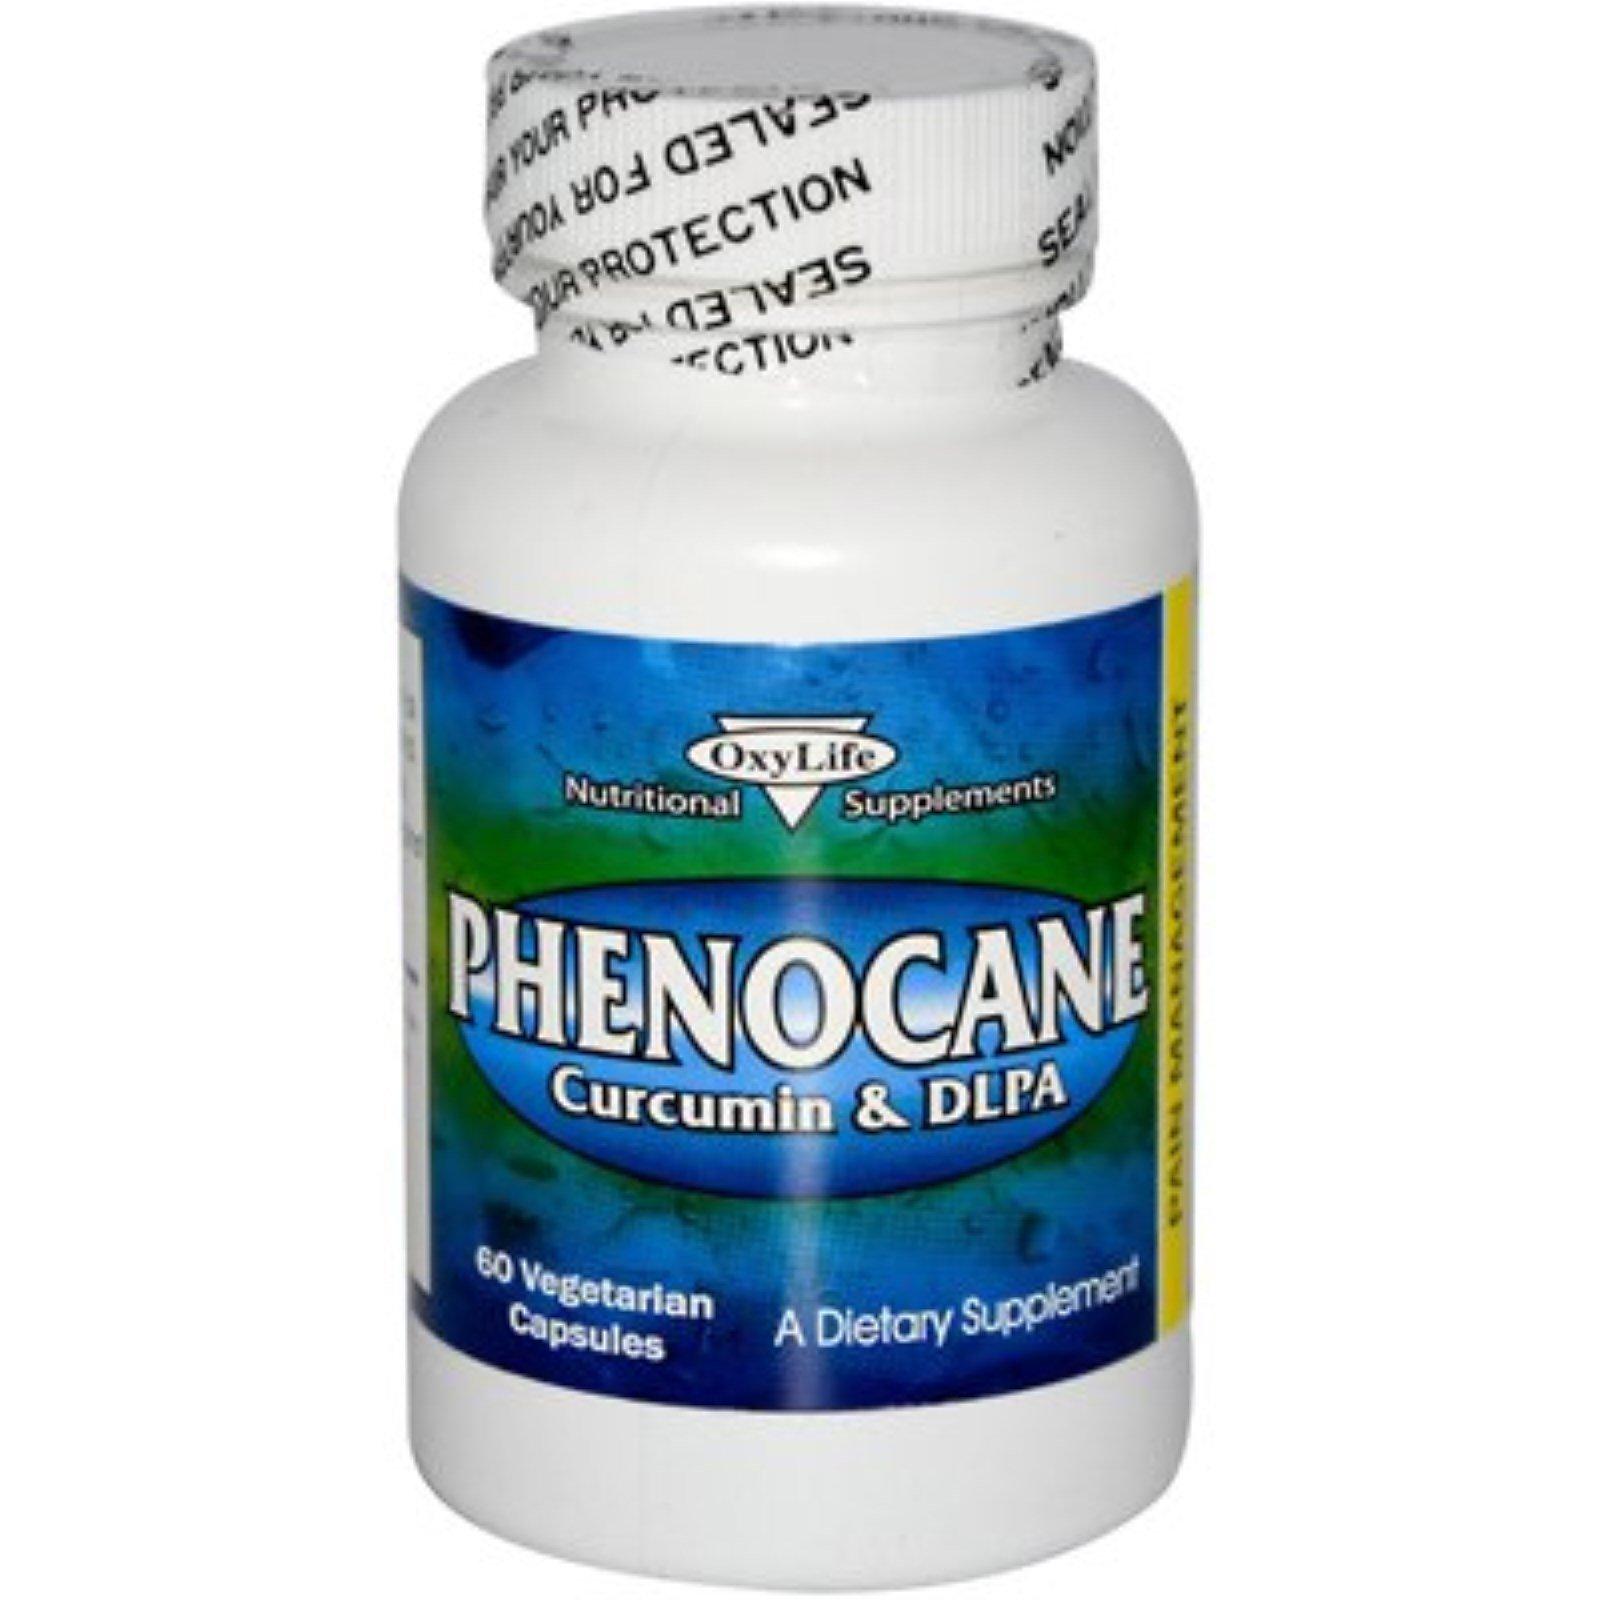 OxyLife, Phenocane, куркумин и DL фенилаланин, 60 растительных капсул